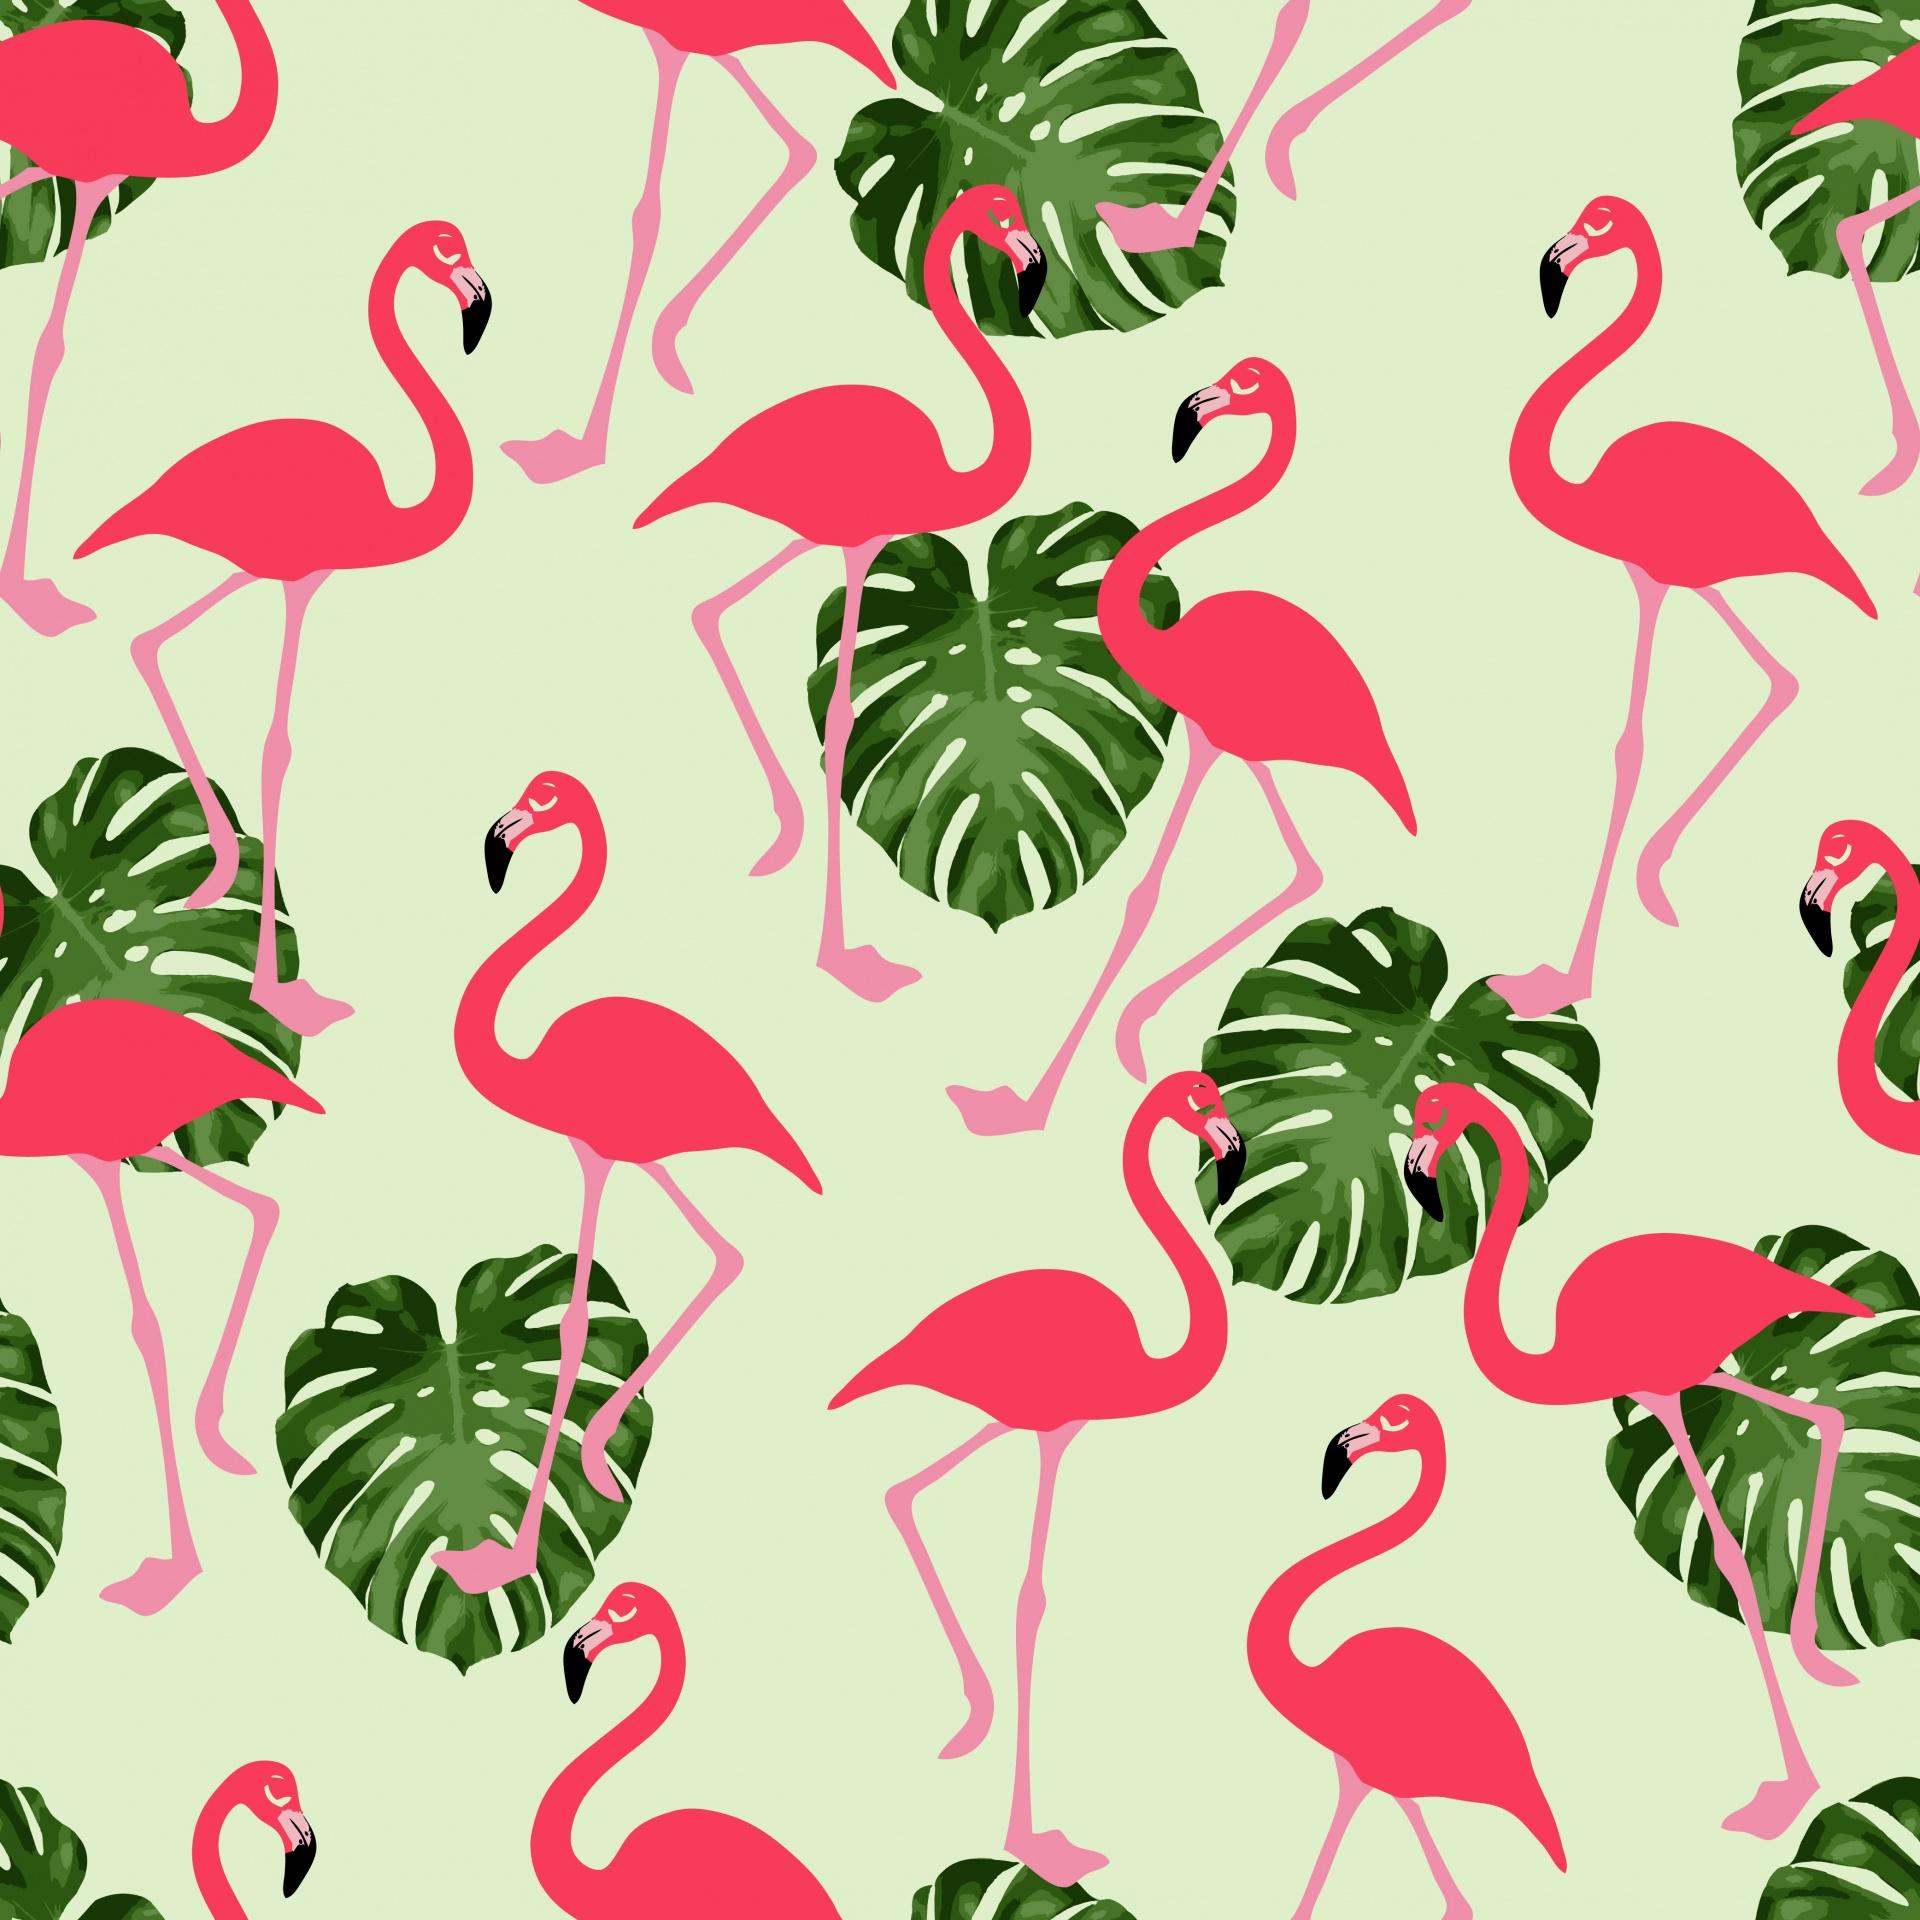 Flamingo Flamingoes Pink Flamingo Background 92872 Hd